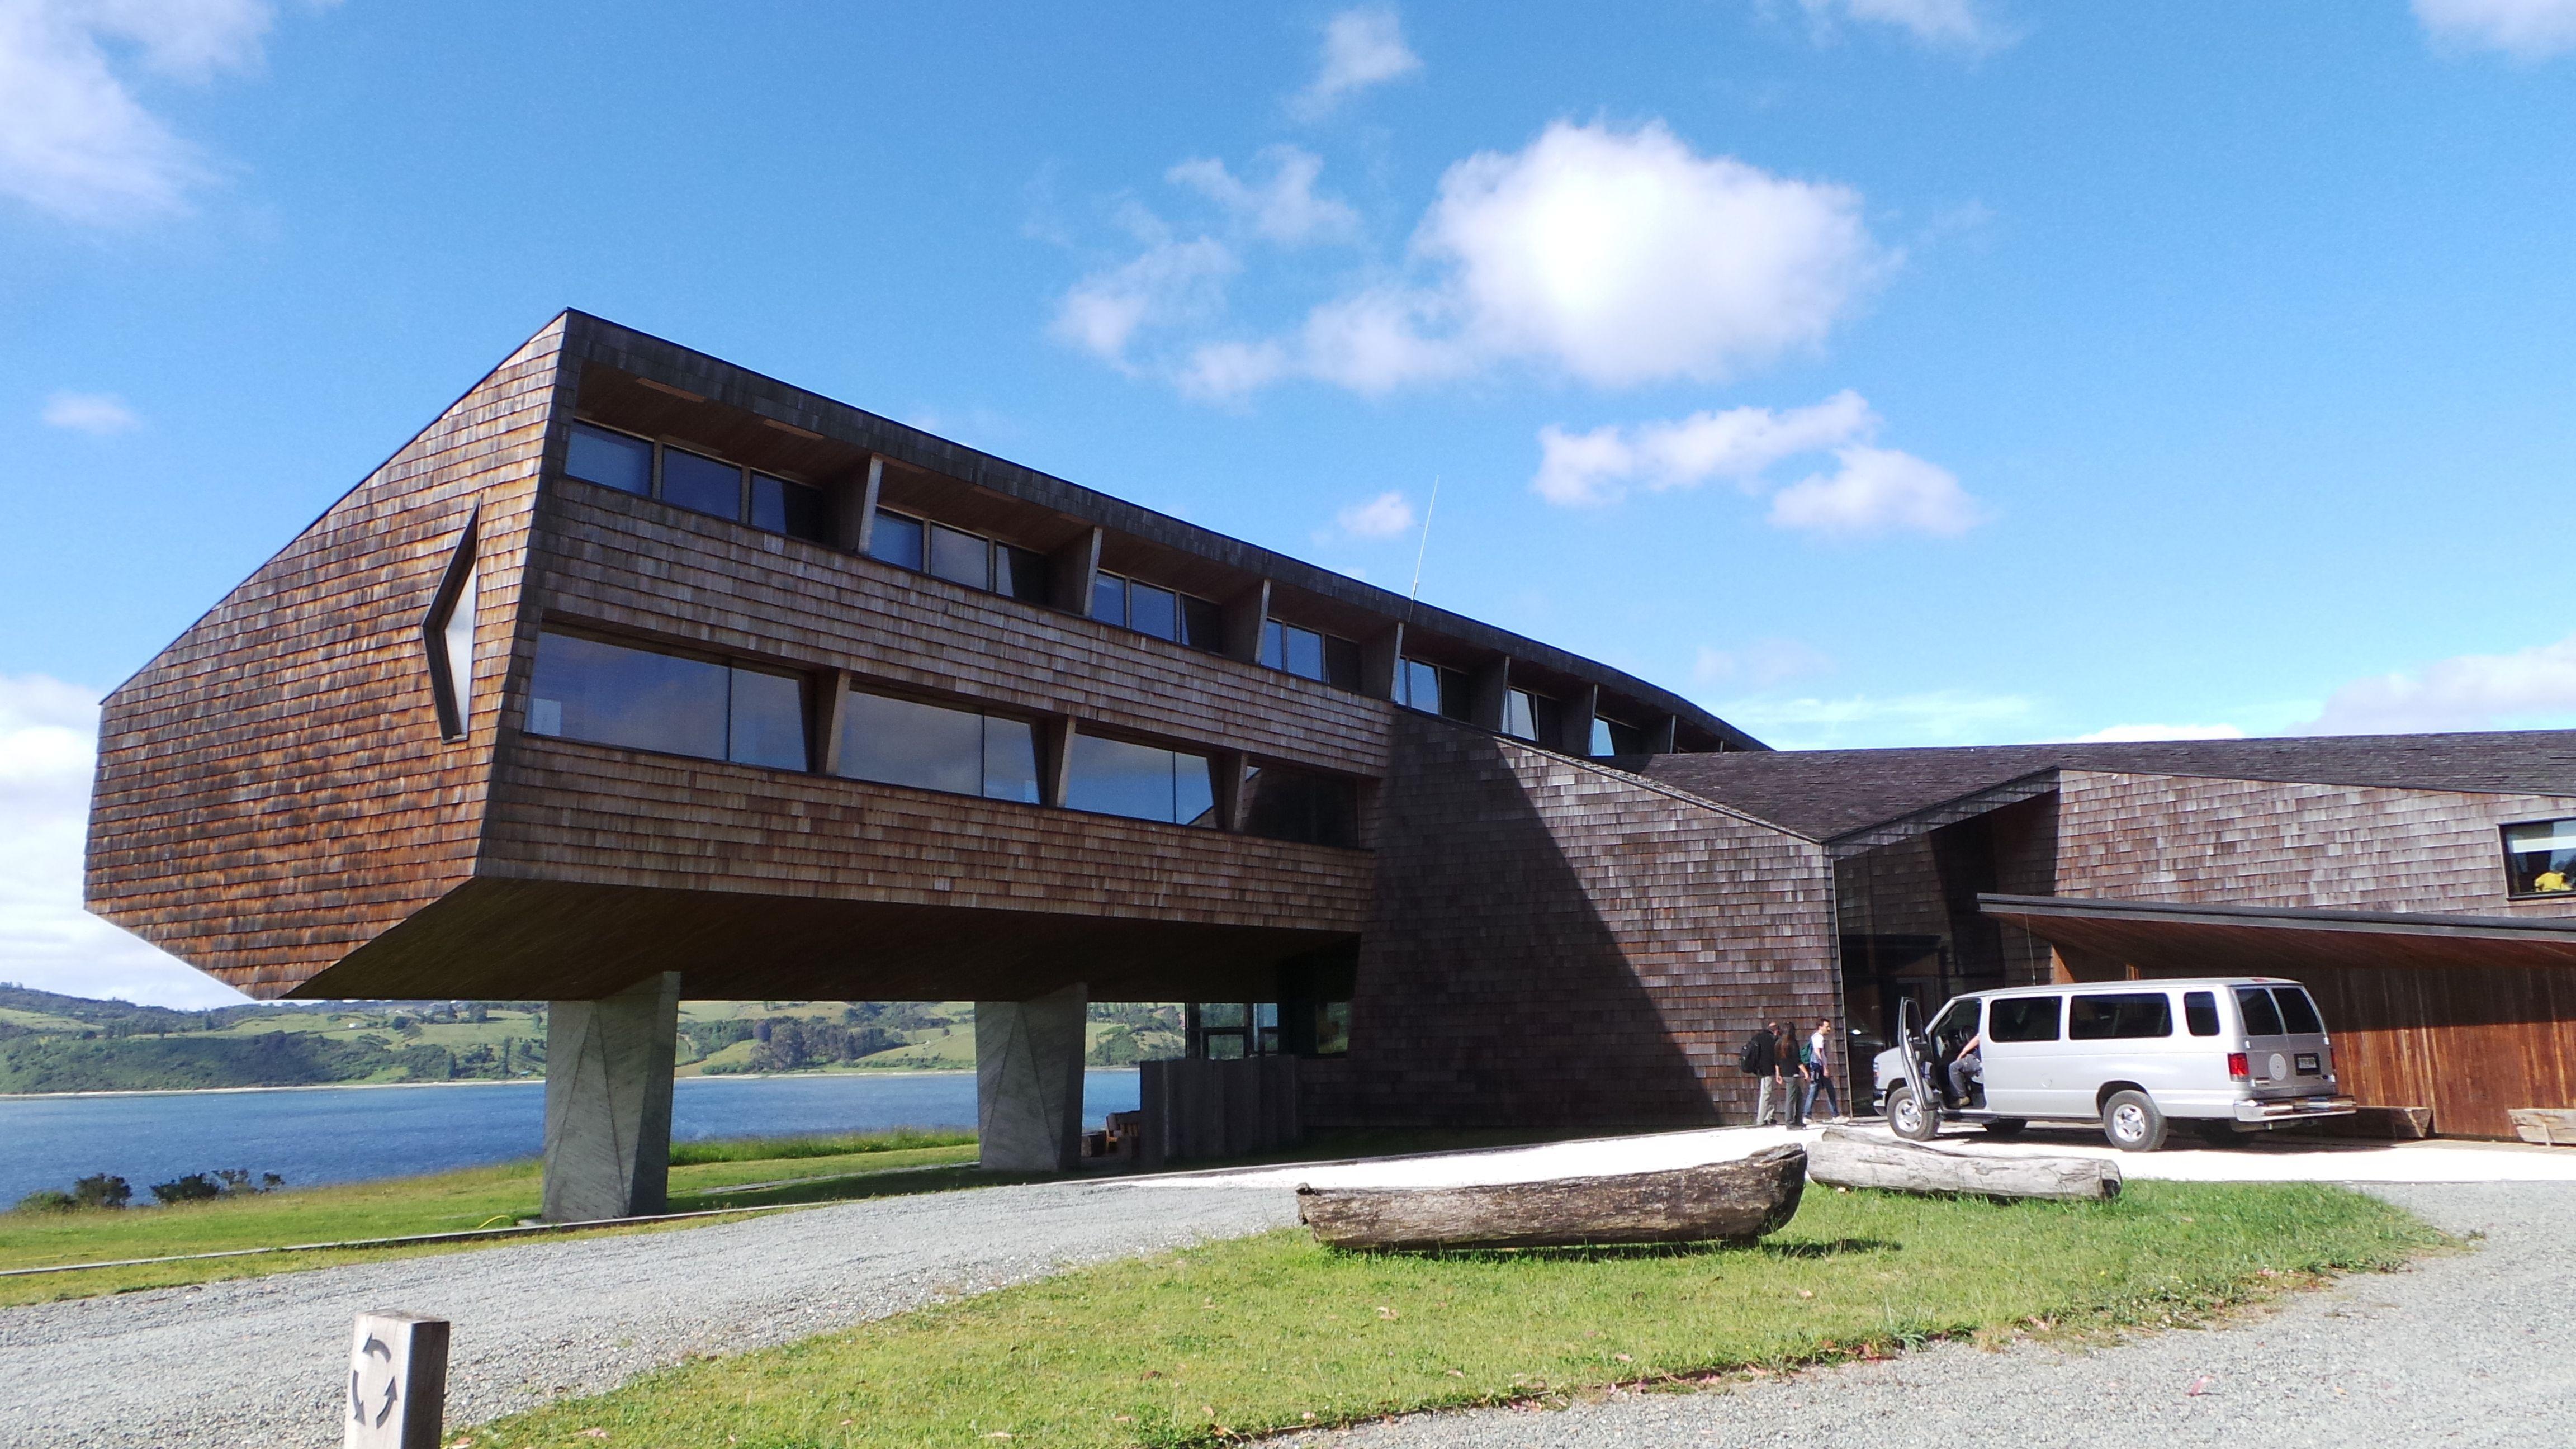 El hotel Tierra Chiloé se destaca por su arquitectura modernista